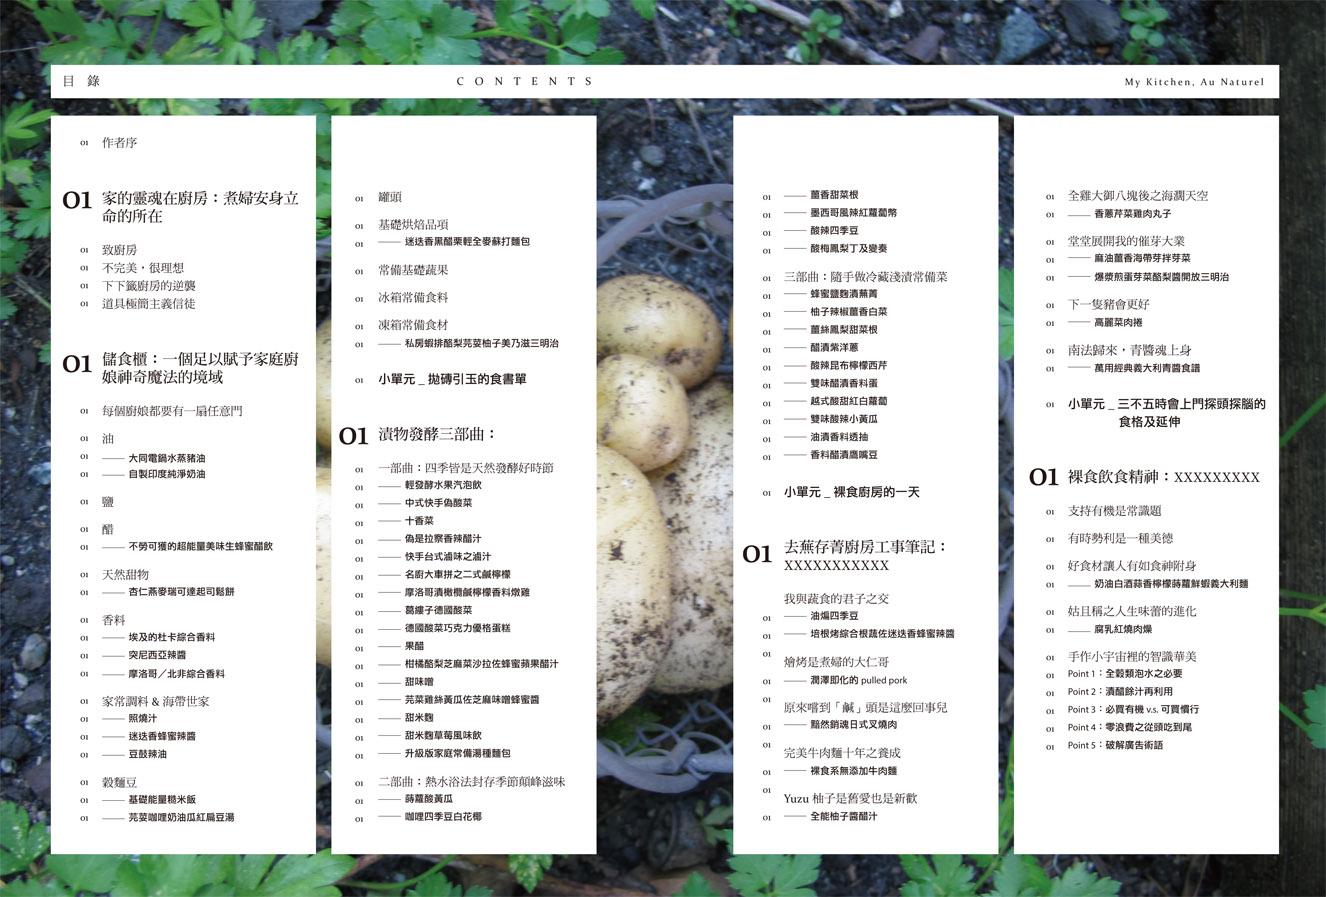 http://im2.book.com.tw/image/getImage?i=http://www.books.com.tw/img/001/067/61/0010676128_bi_01.jpg&v=55631622&w=655&h=609